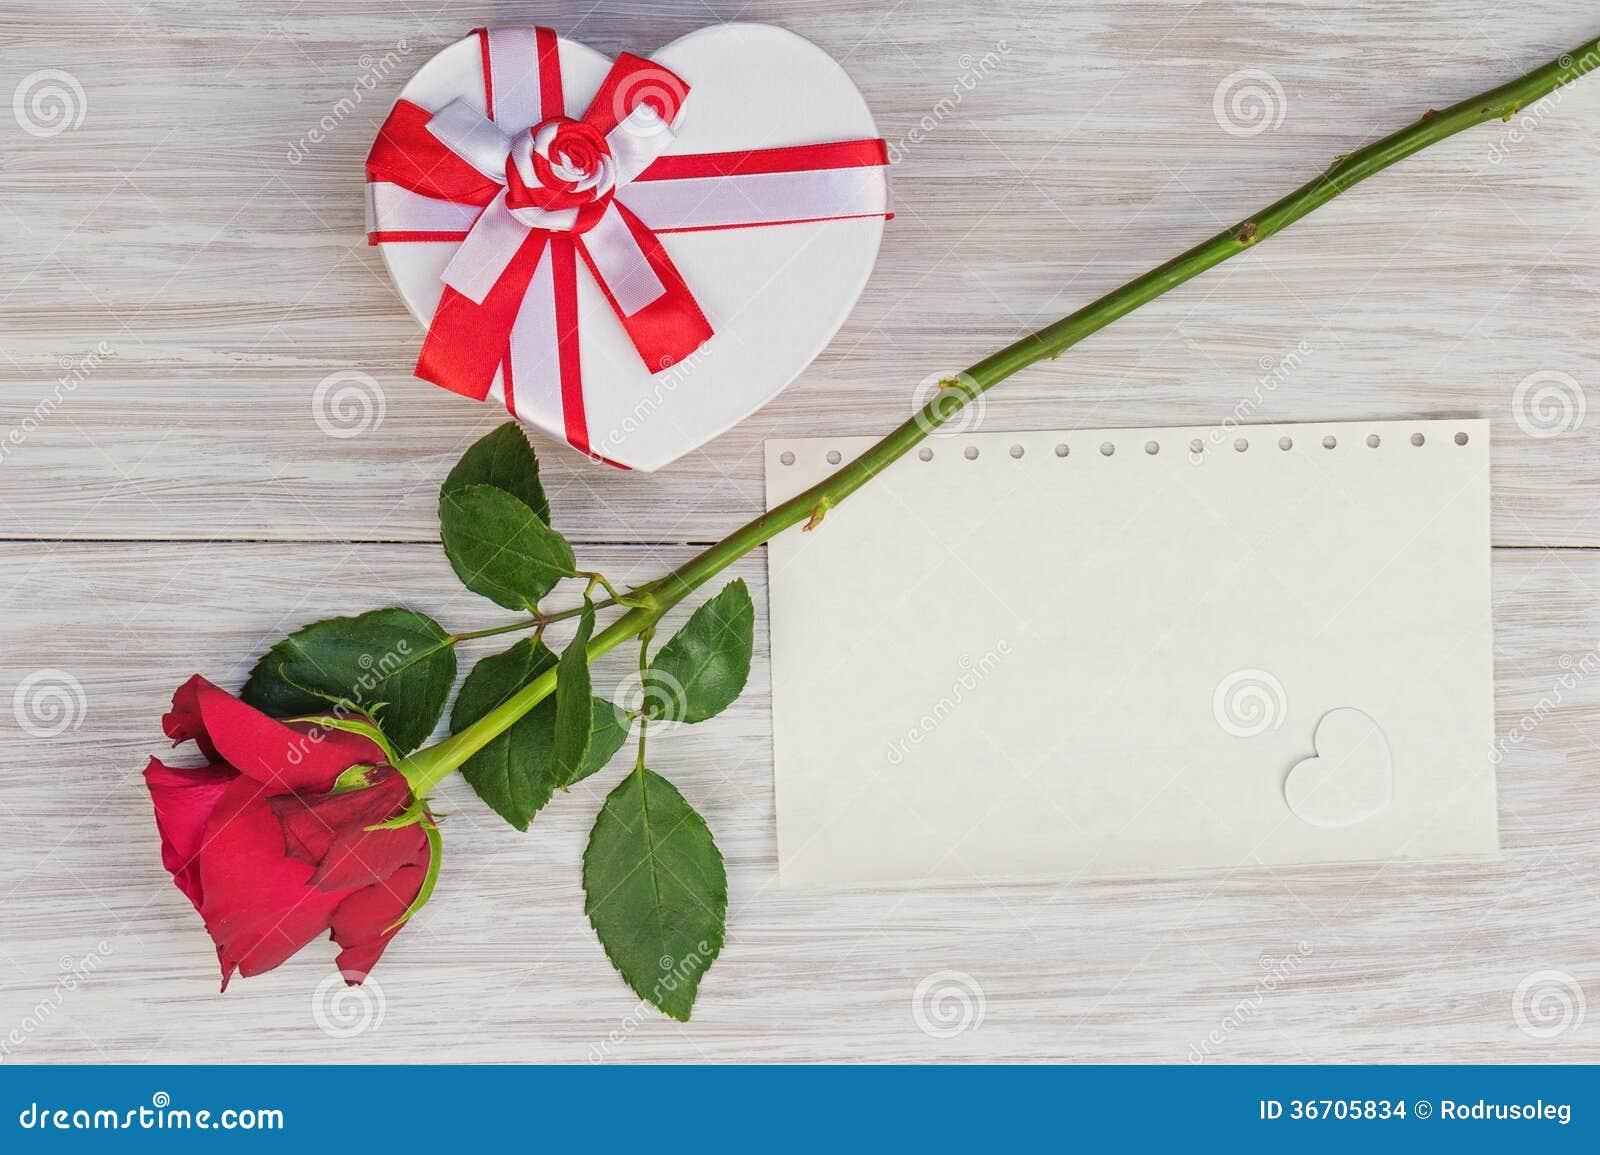 Fondo De Pantalla Dia De San Valentin Regalo Con Rosa: Regalo Del Día Del ` S De La Tarjeta Del Día De San